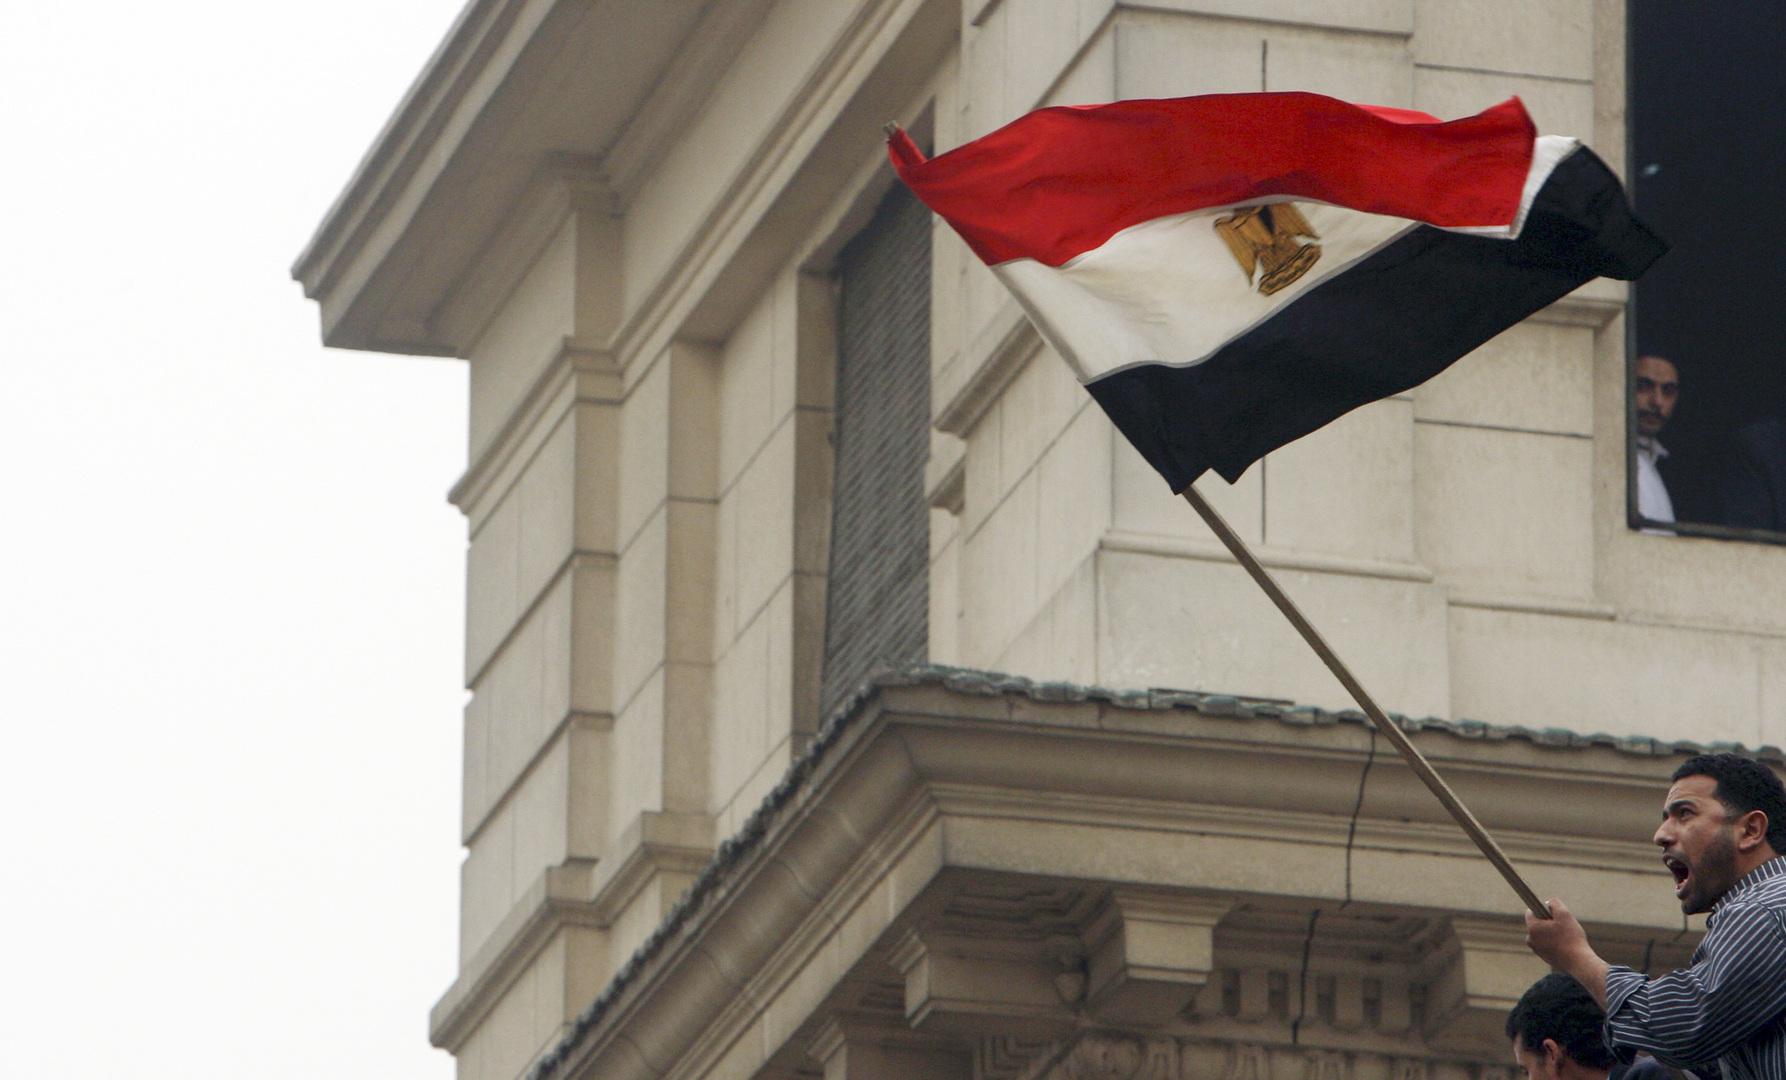 كورونا.. مصر تعلن عن قيود جديدة للدخول إلى البلاد